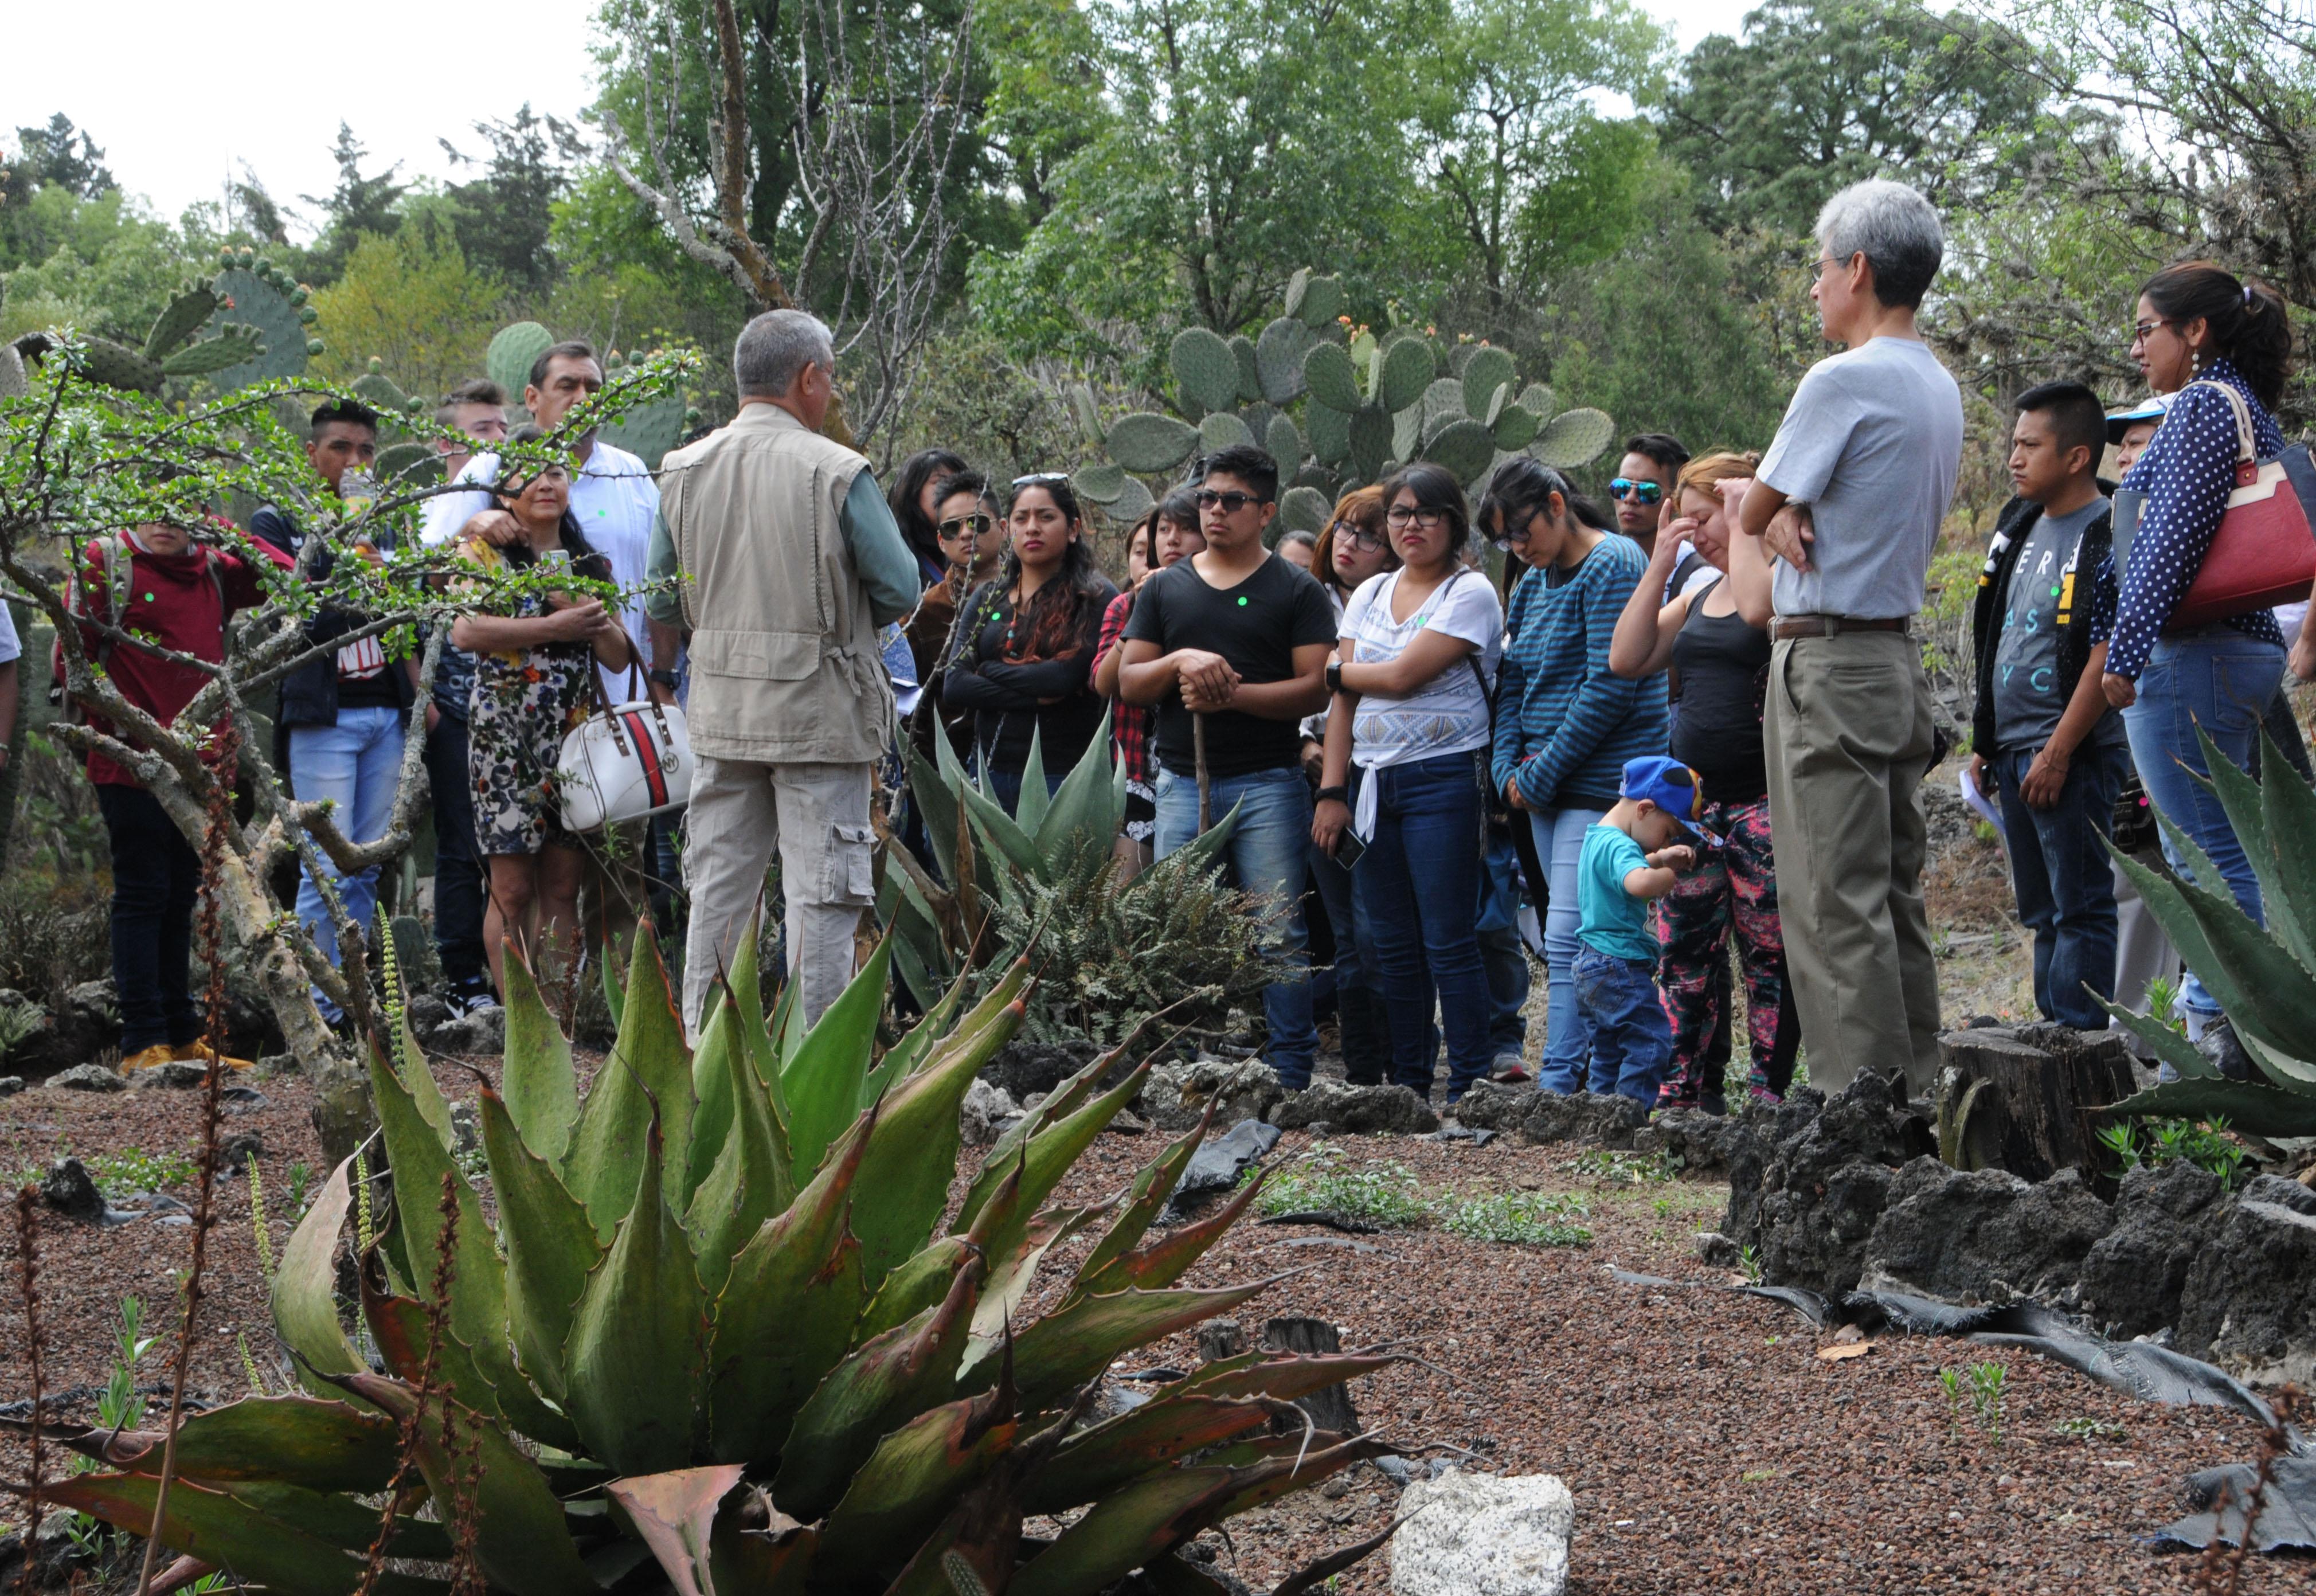 Celebra la unam el 12 d a nacional de los jardines bot nicos for Talleres jardin botanico